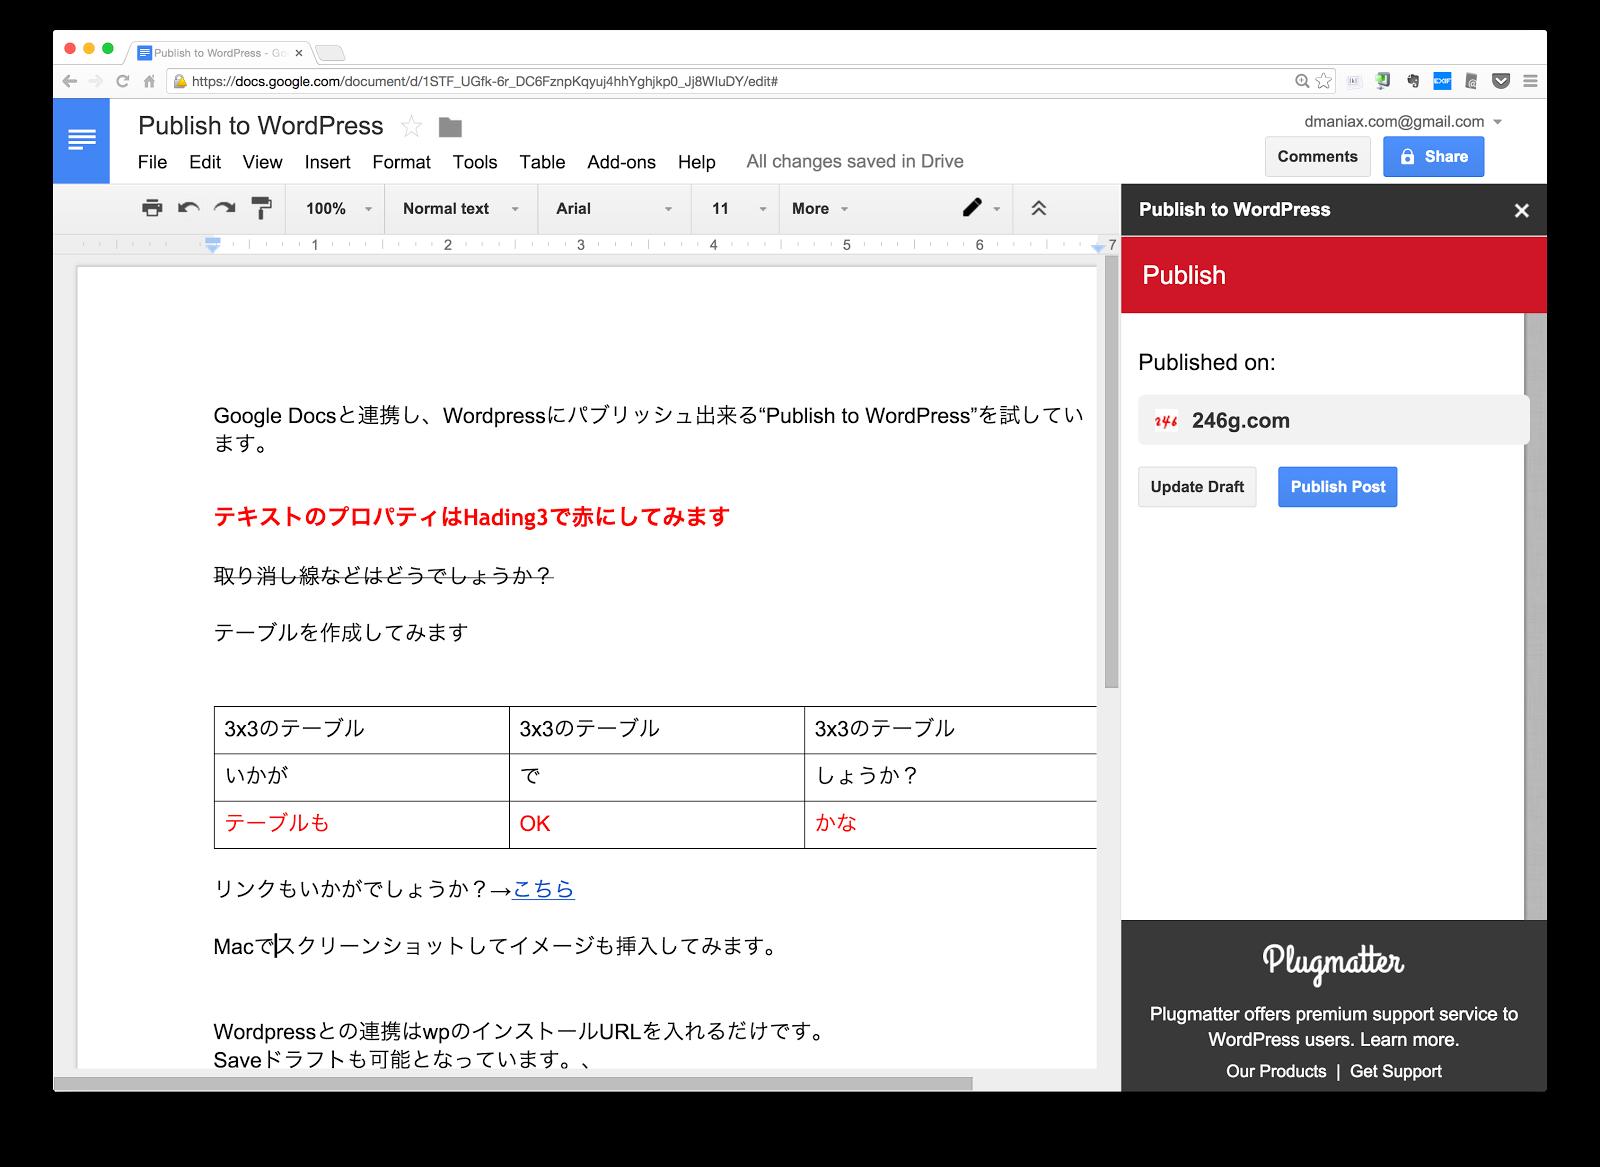 スクリーンショット 2015-01-02 17.22.10.png